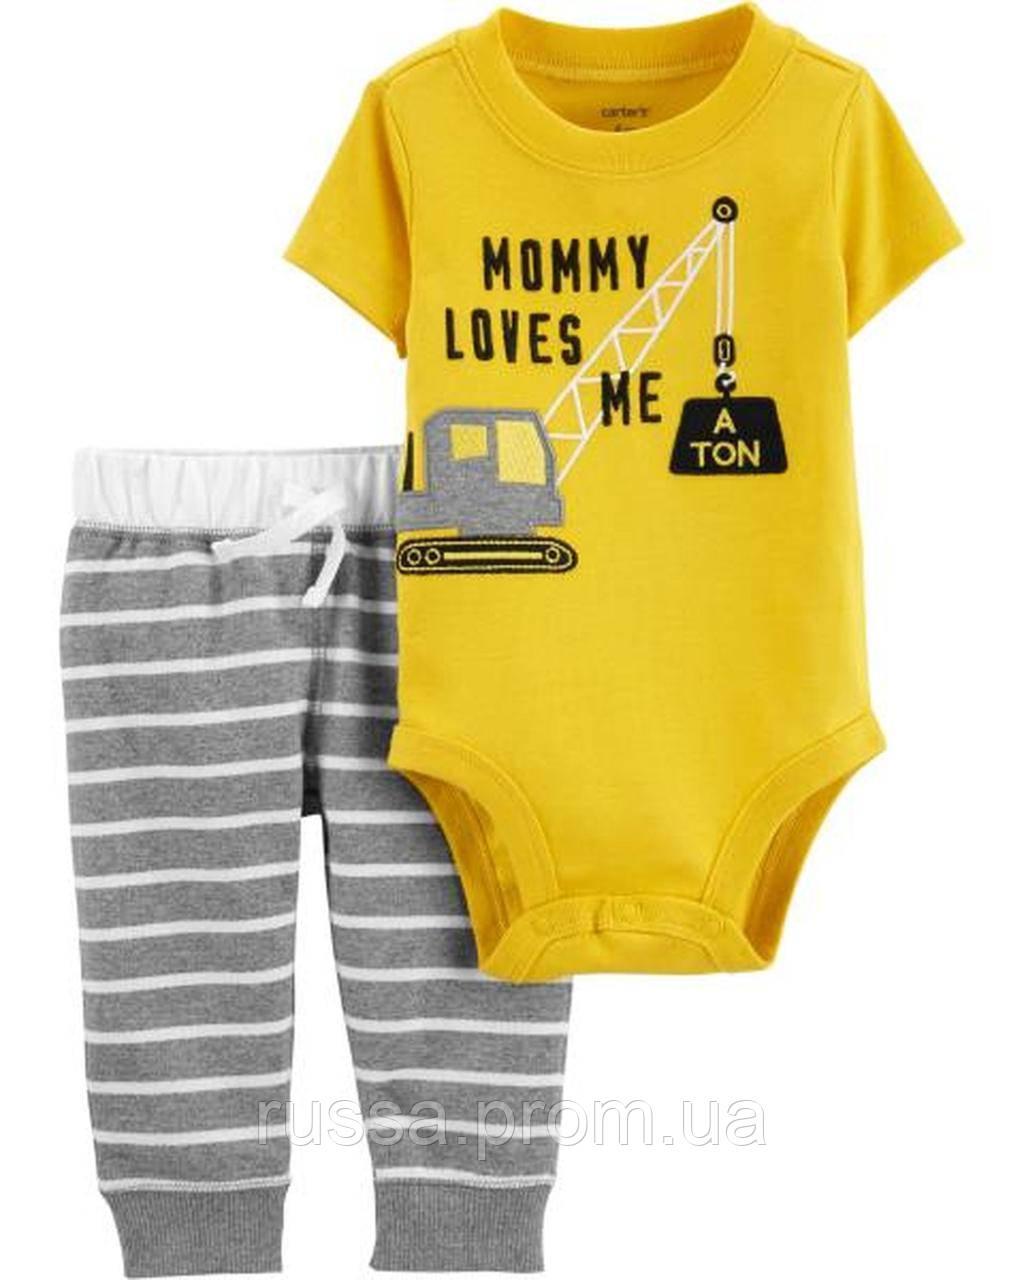 Детский костюм - штанишки, боди Картерс для мальчика